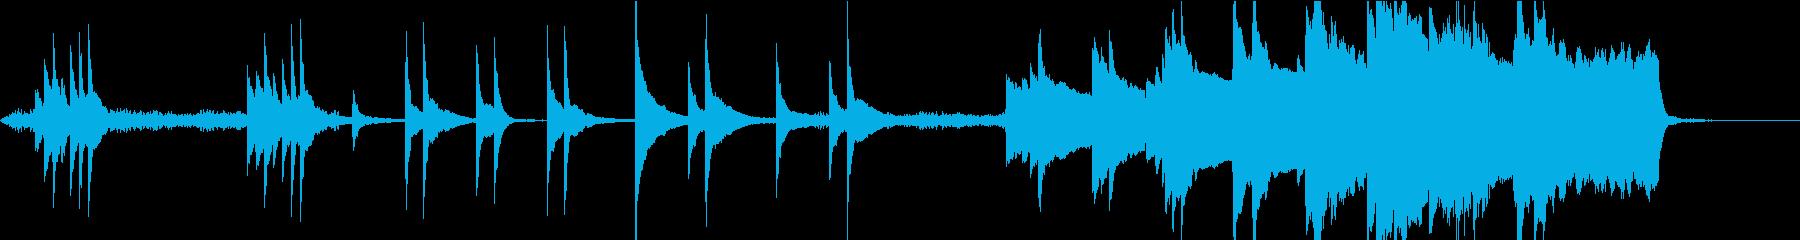 ダークファンタジーな雰囲気のBGM-Sの再生済みの波形